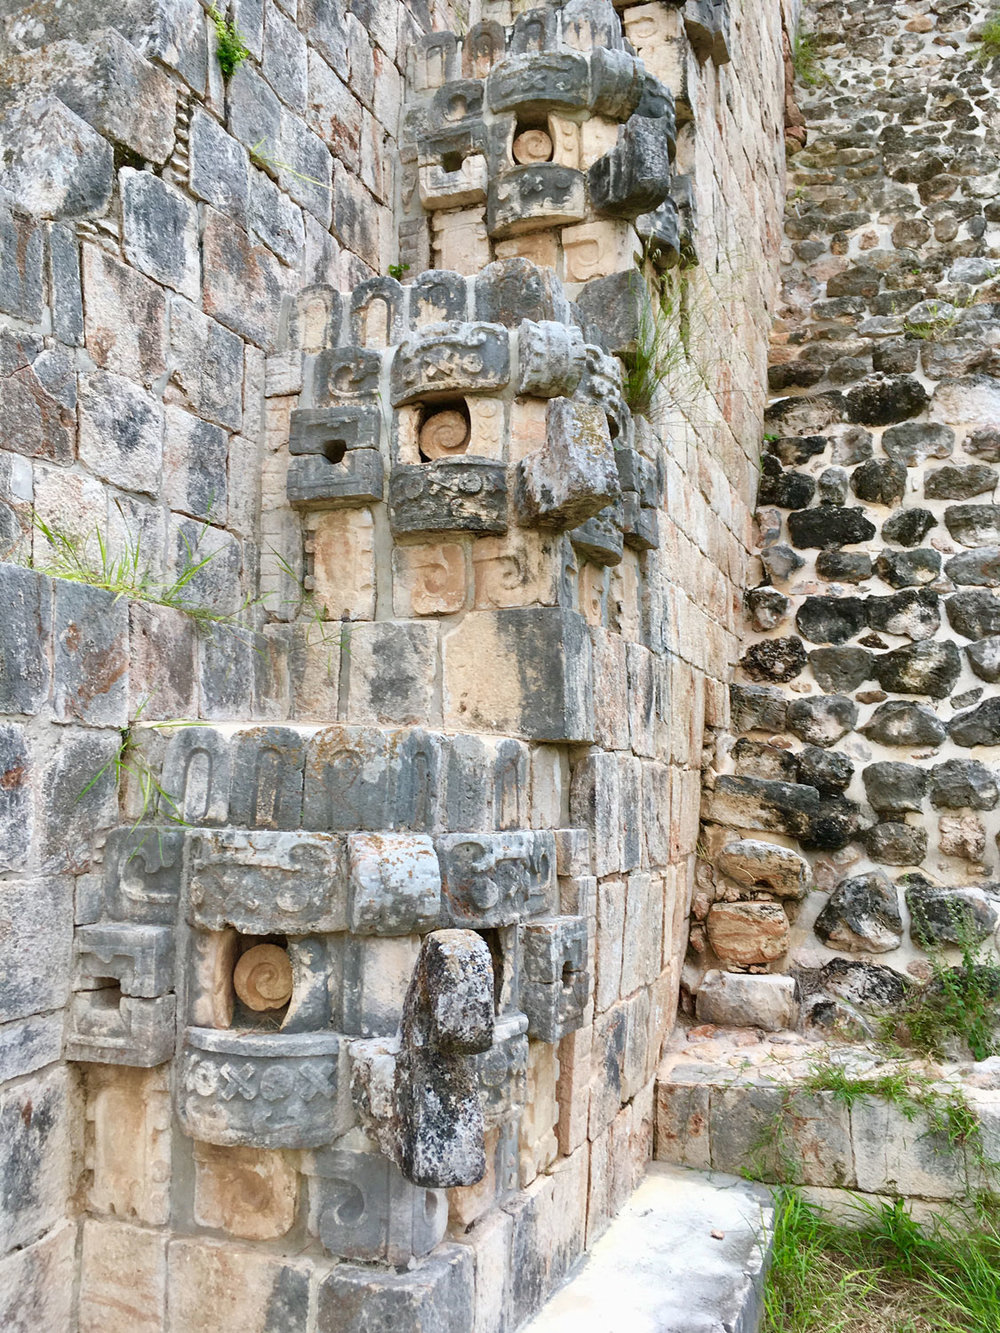 Hammocks_and_Ruins_Riviera_Maya_Mexico_Explore_What_to_Do_Yucatan_Ruins_Uxmal_61.jpg